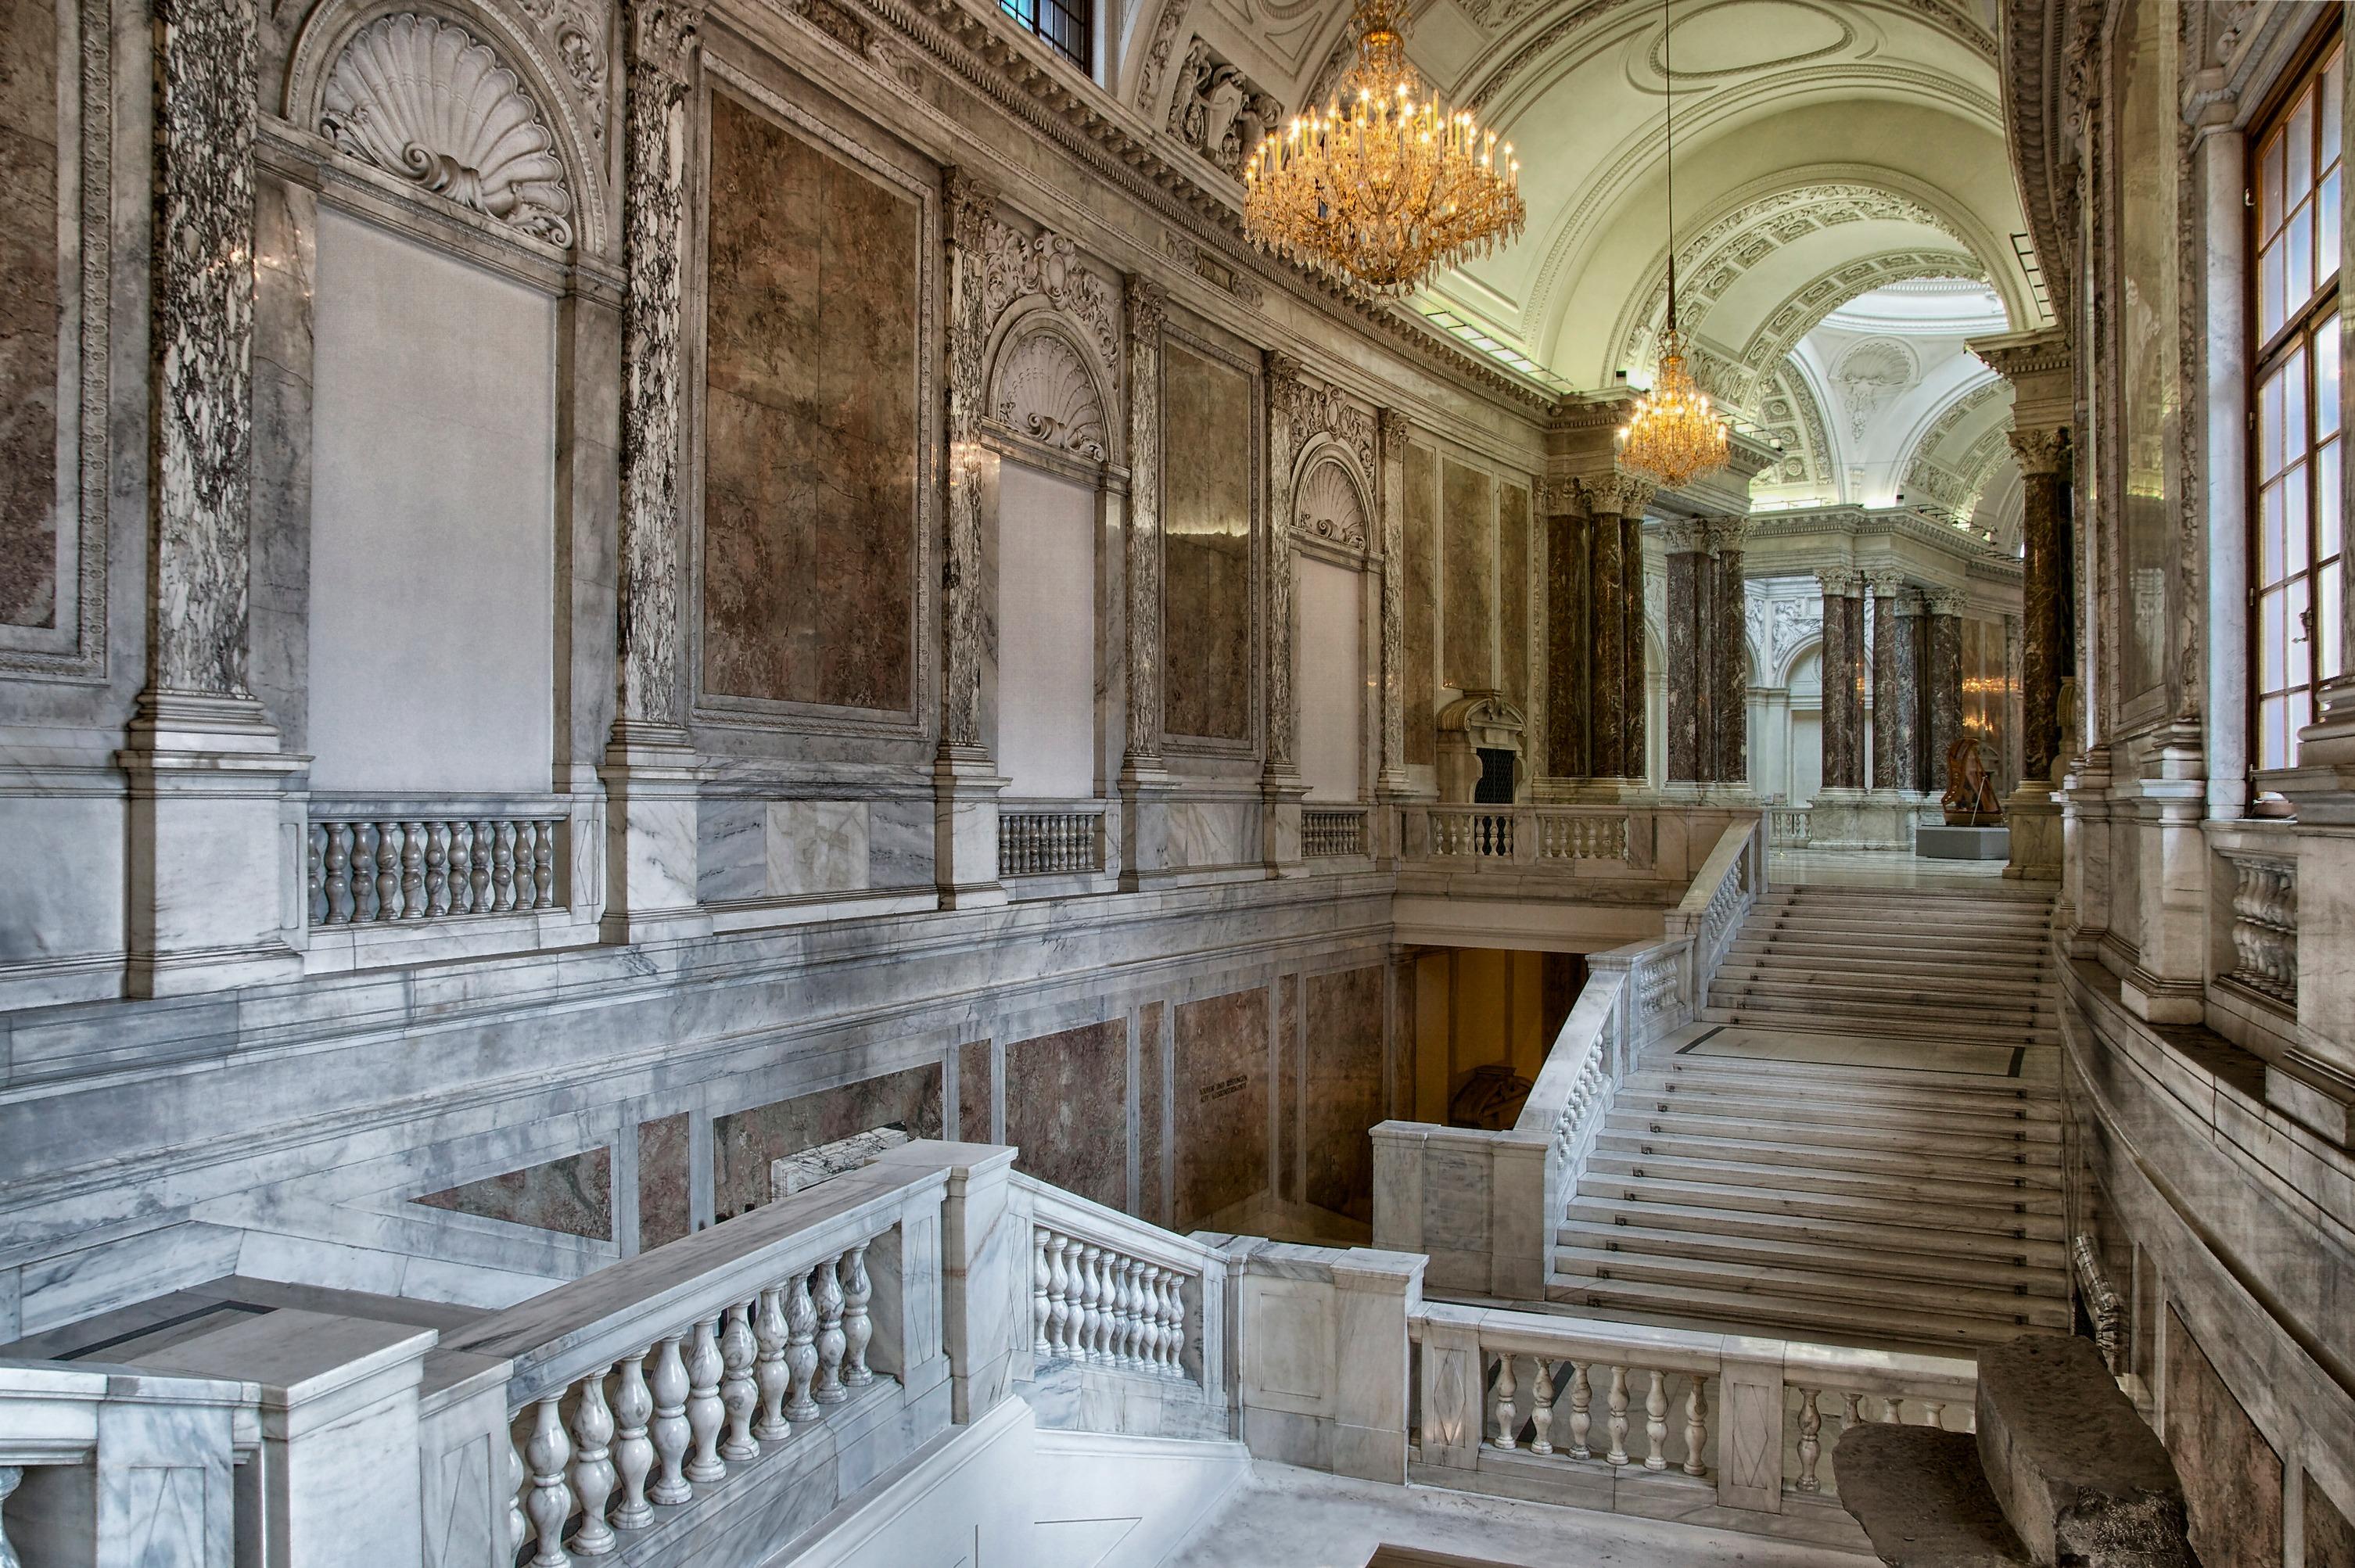 Kronleuchter Treppe ~ Kostenlose foto : die architektur villa innere gebäude palast